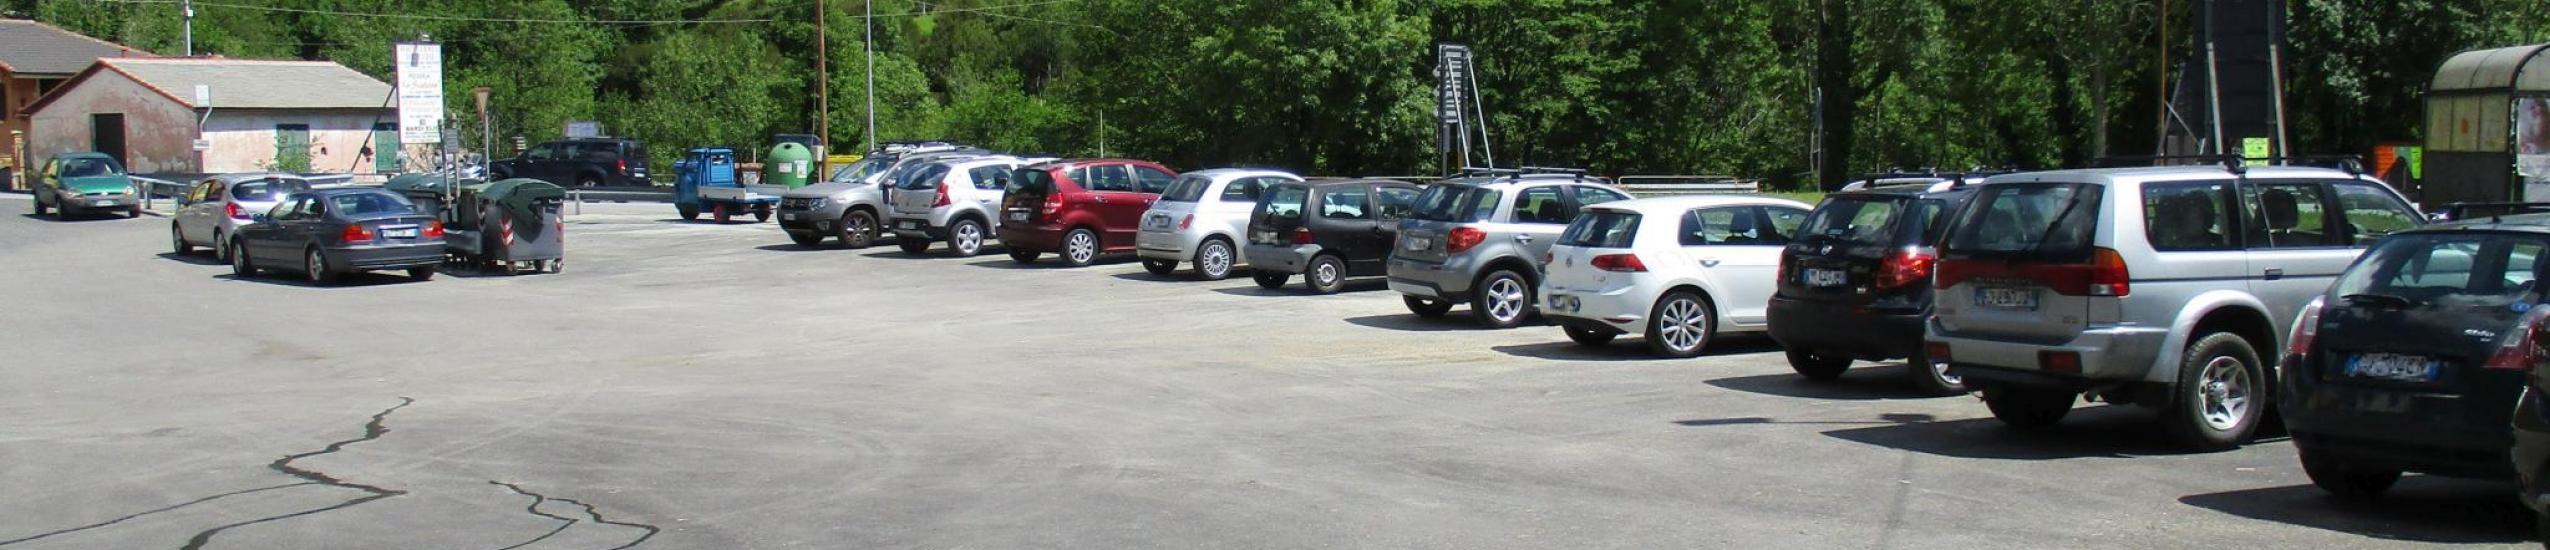 parcheggio ferriere